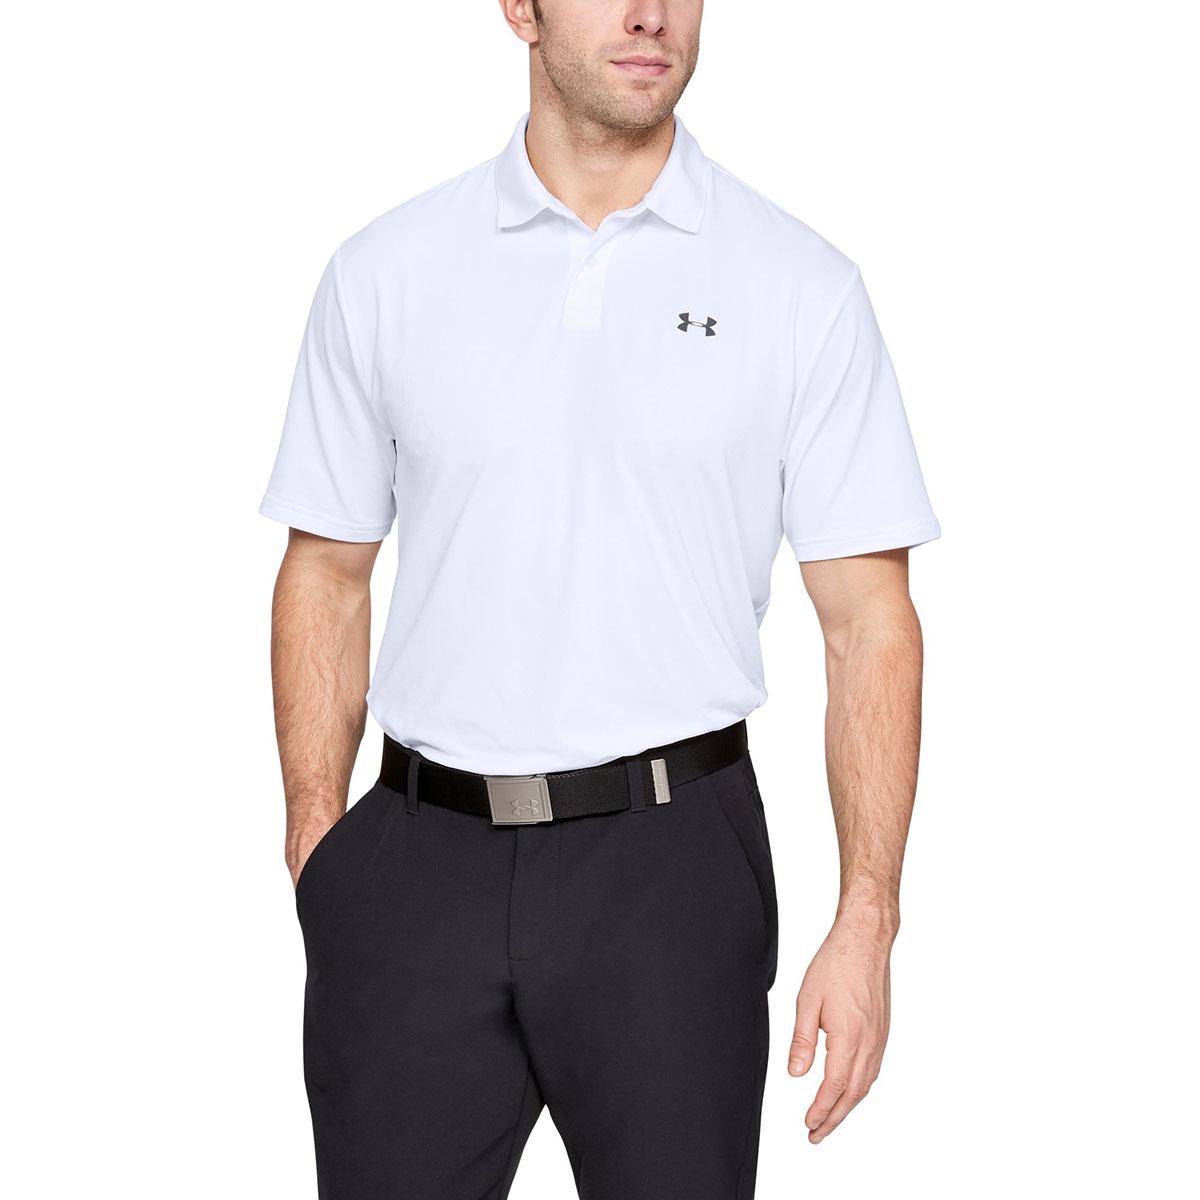 Chemise noir et blanche à rayures Double Pack Sports Boxer Trunk